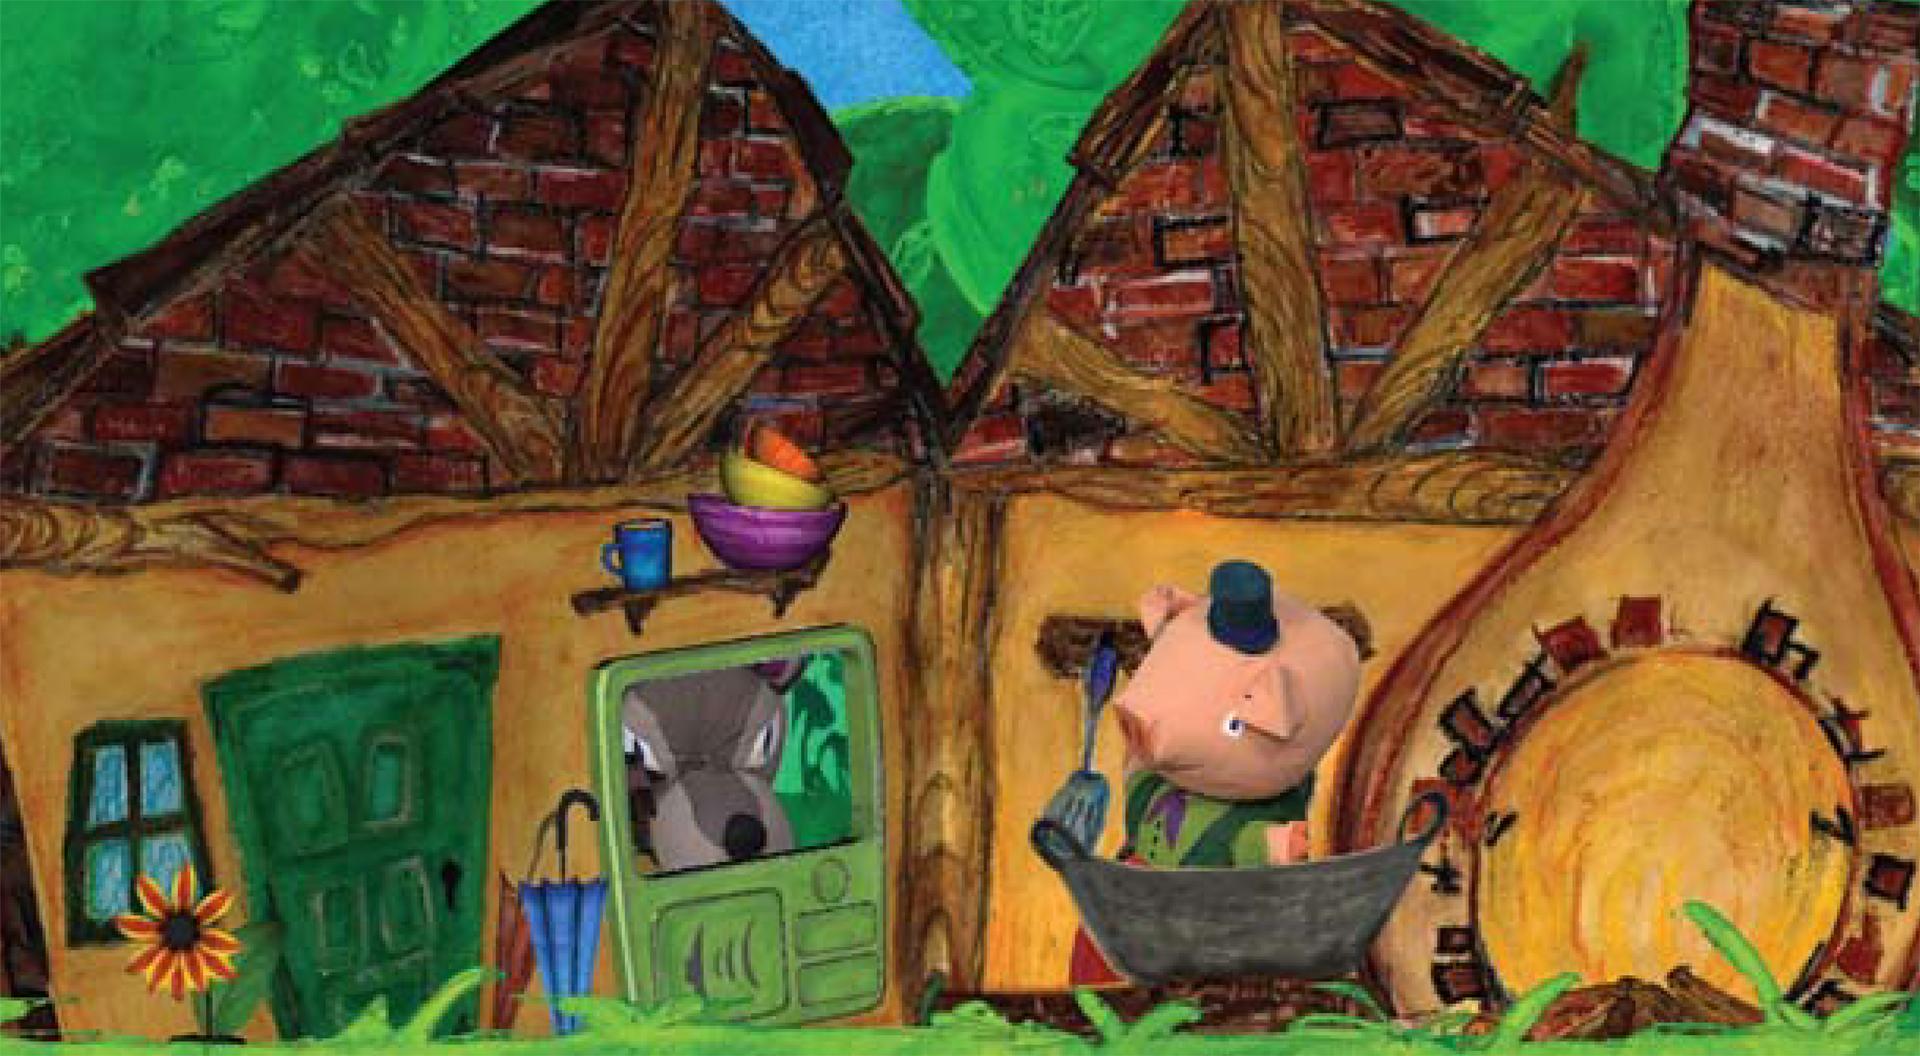 ©, Yuko Yamanouchi, Takashi Fukaya, Hideki Mitsumine, and Hidehiko Okubo, Three Little Pigs in the CG Theater